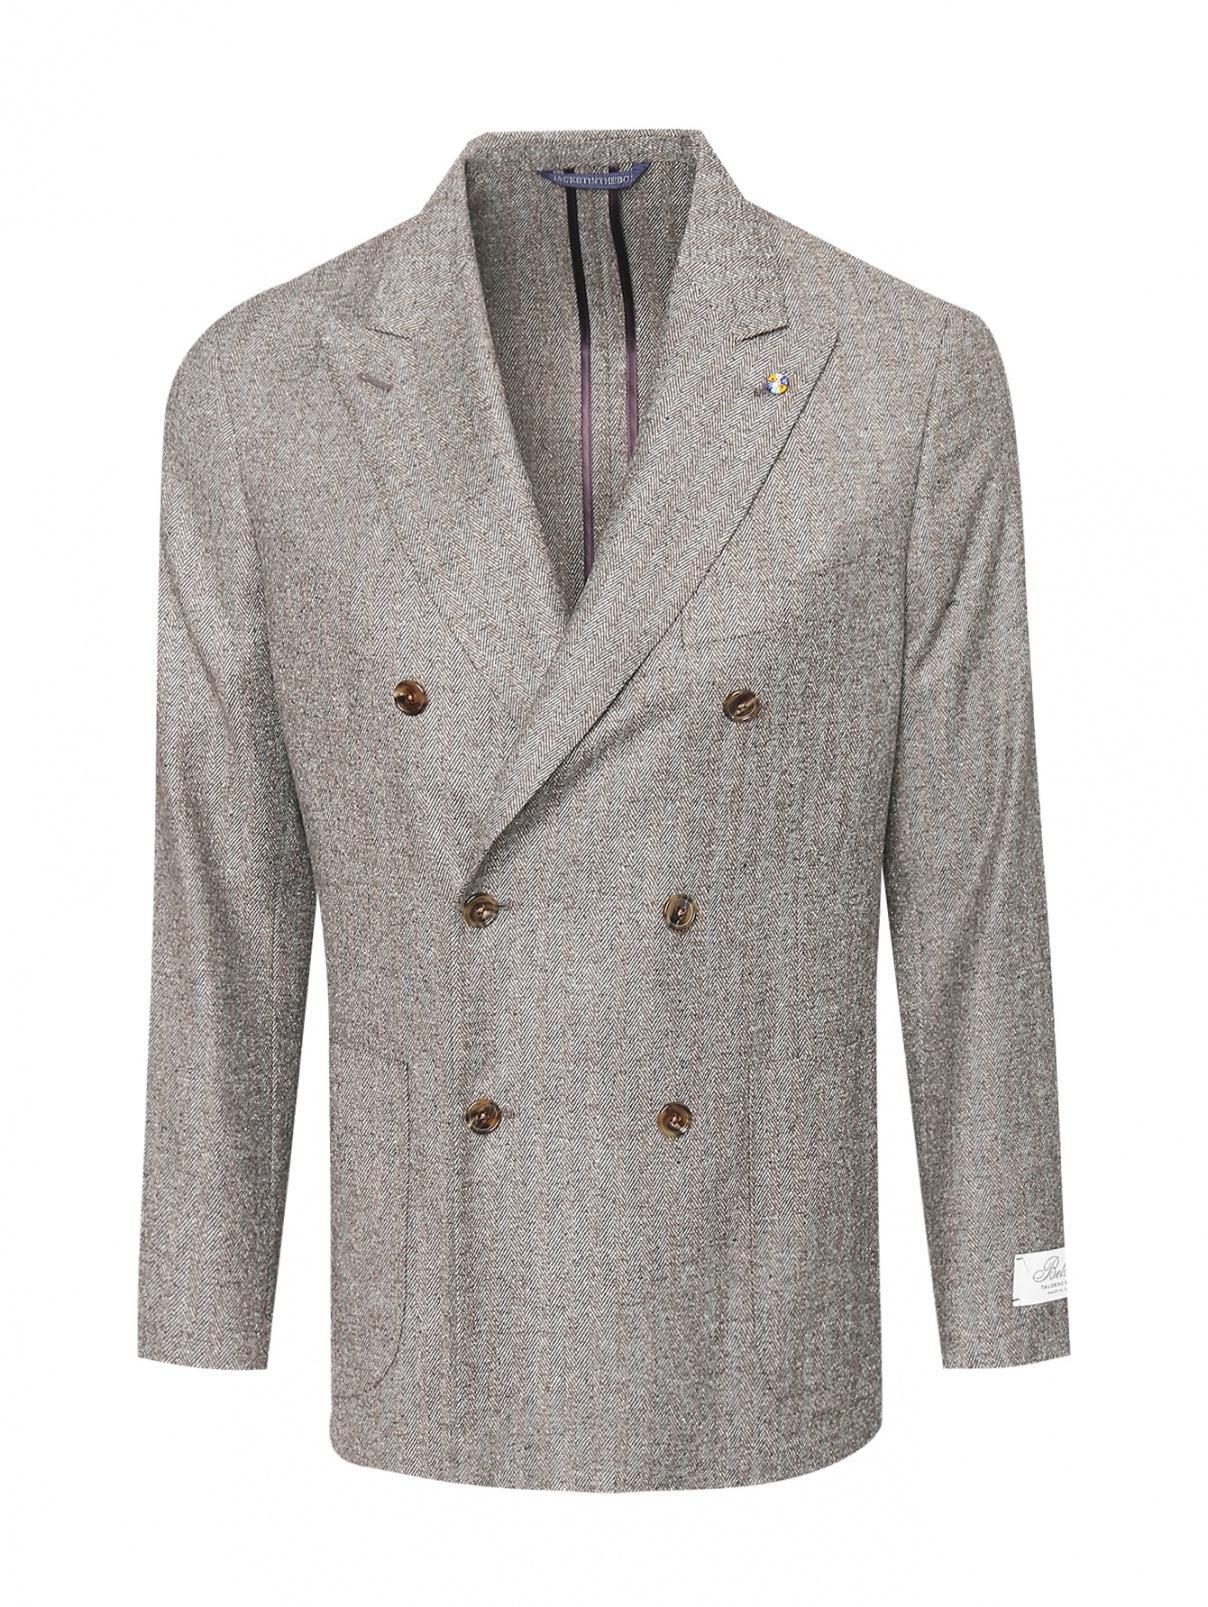 Двубортный пиджак из шерсти и шелка Belvest  –  Общий вид